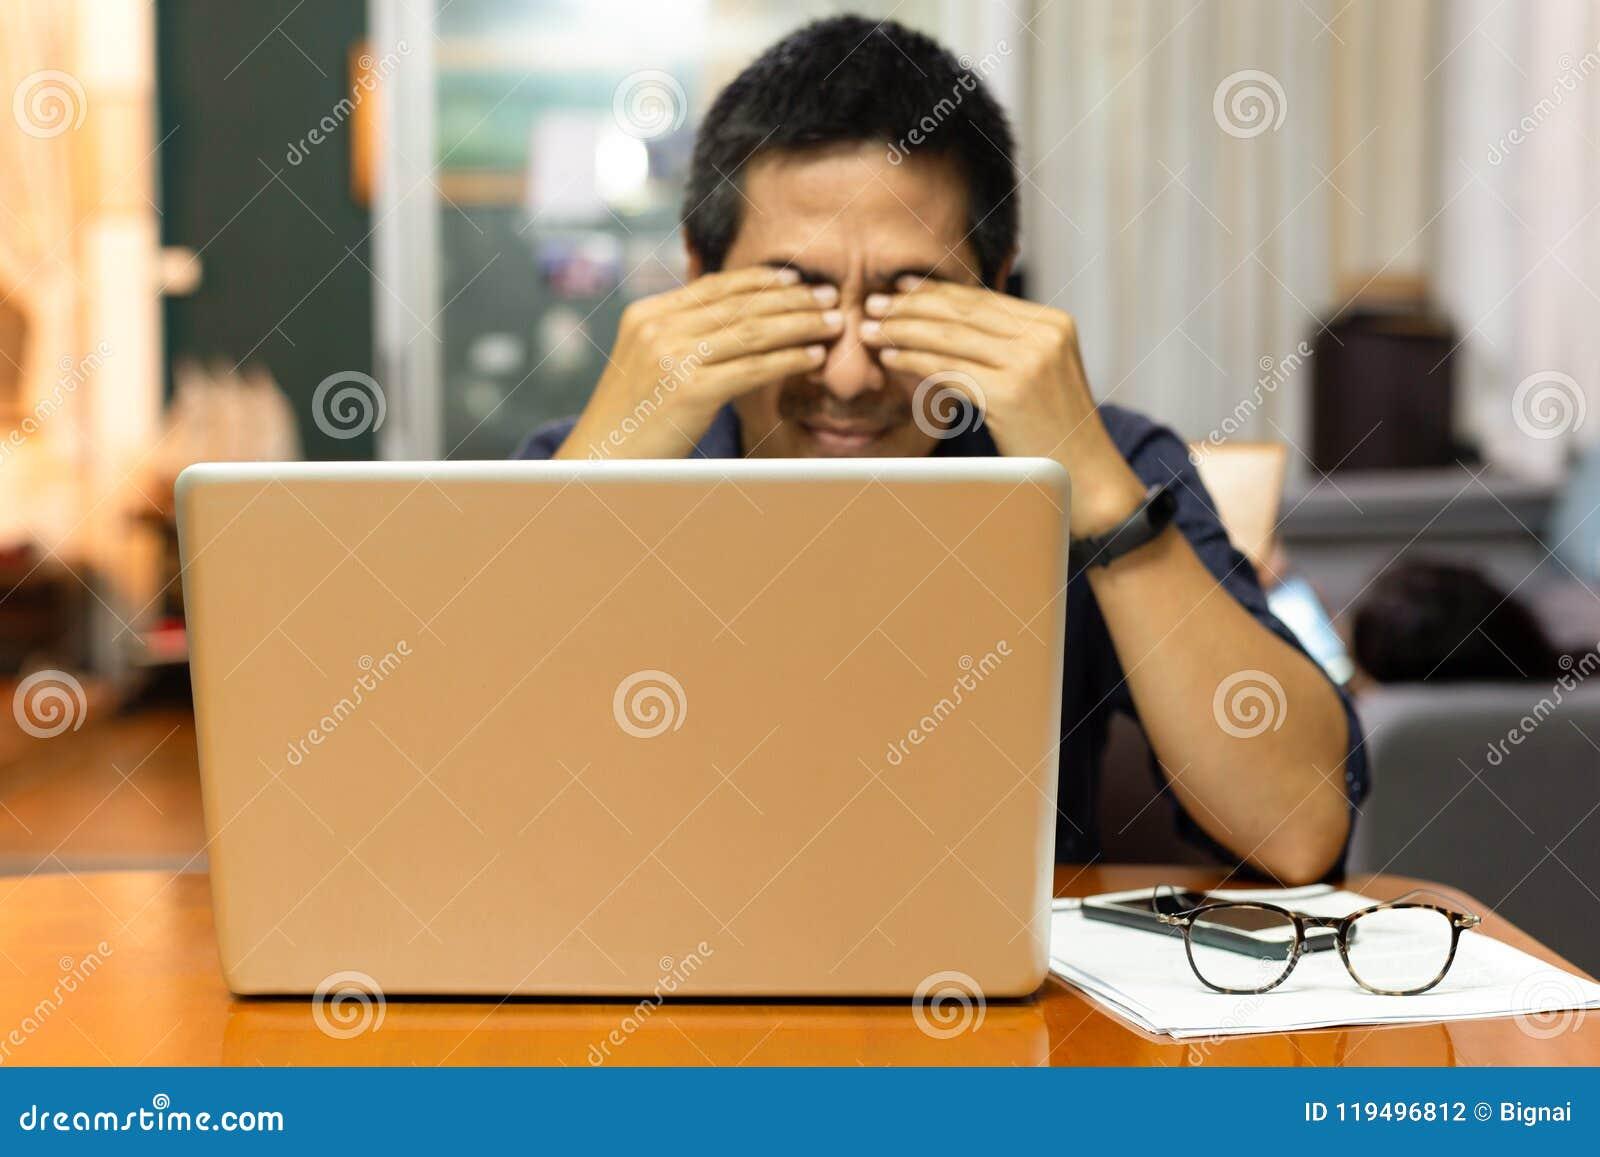 Tensão do sentimento do homem de negócios em seus olhos após ter trabalhado o muito tempo